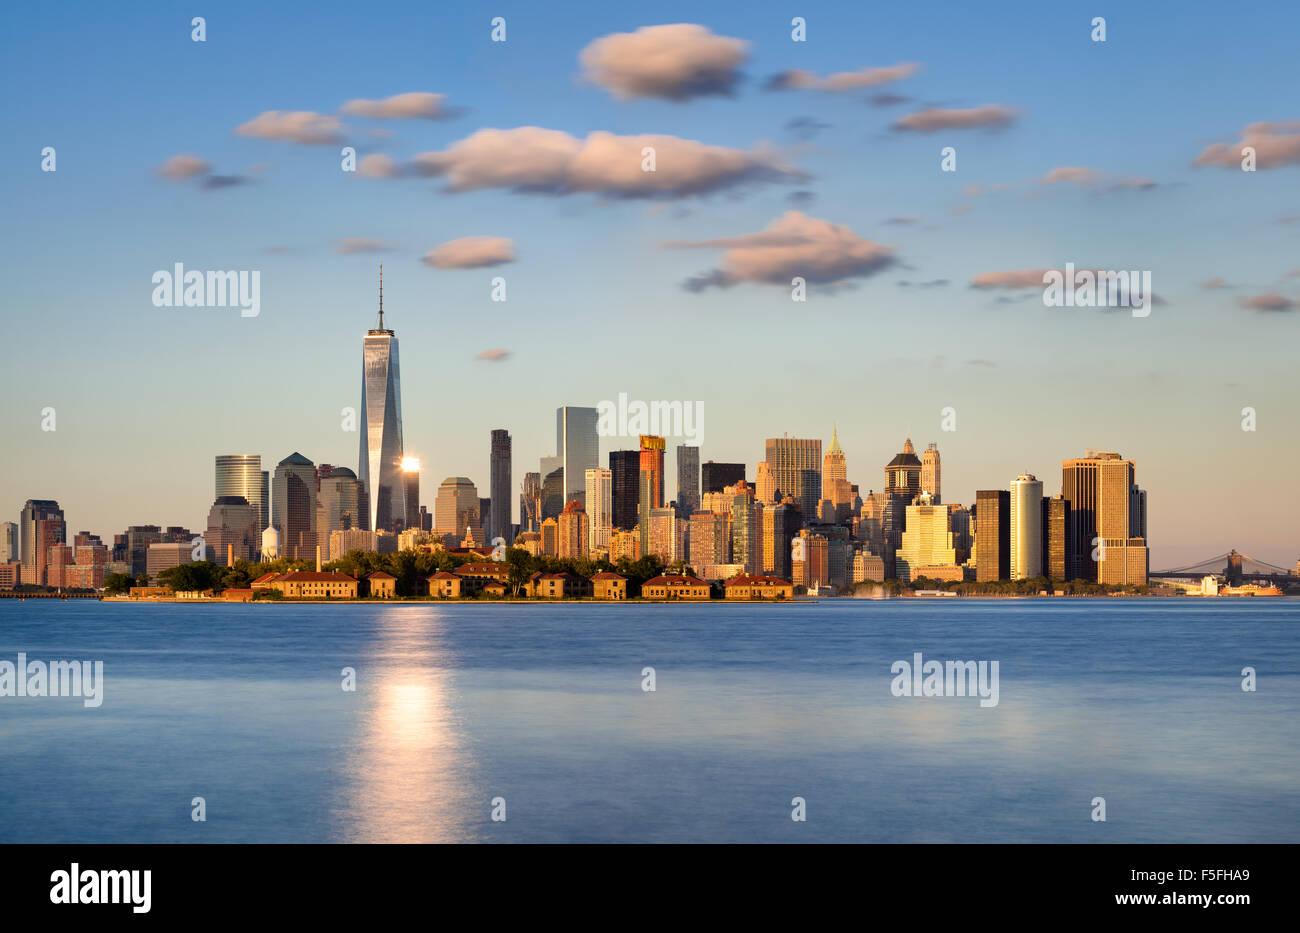 El horizonte de la ciudad de Nueva York, Manhattan. Ellis Island aparece delante de los rascacielos del distrito Imagen De Stock